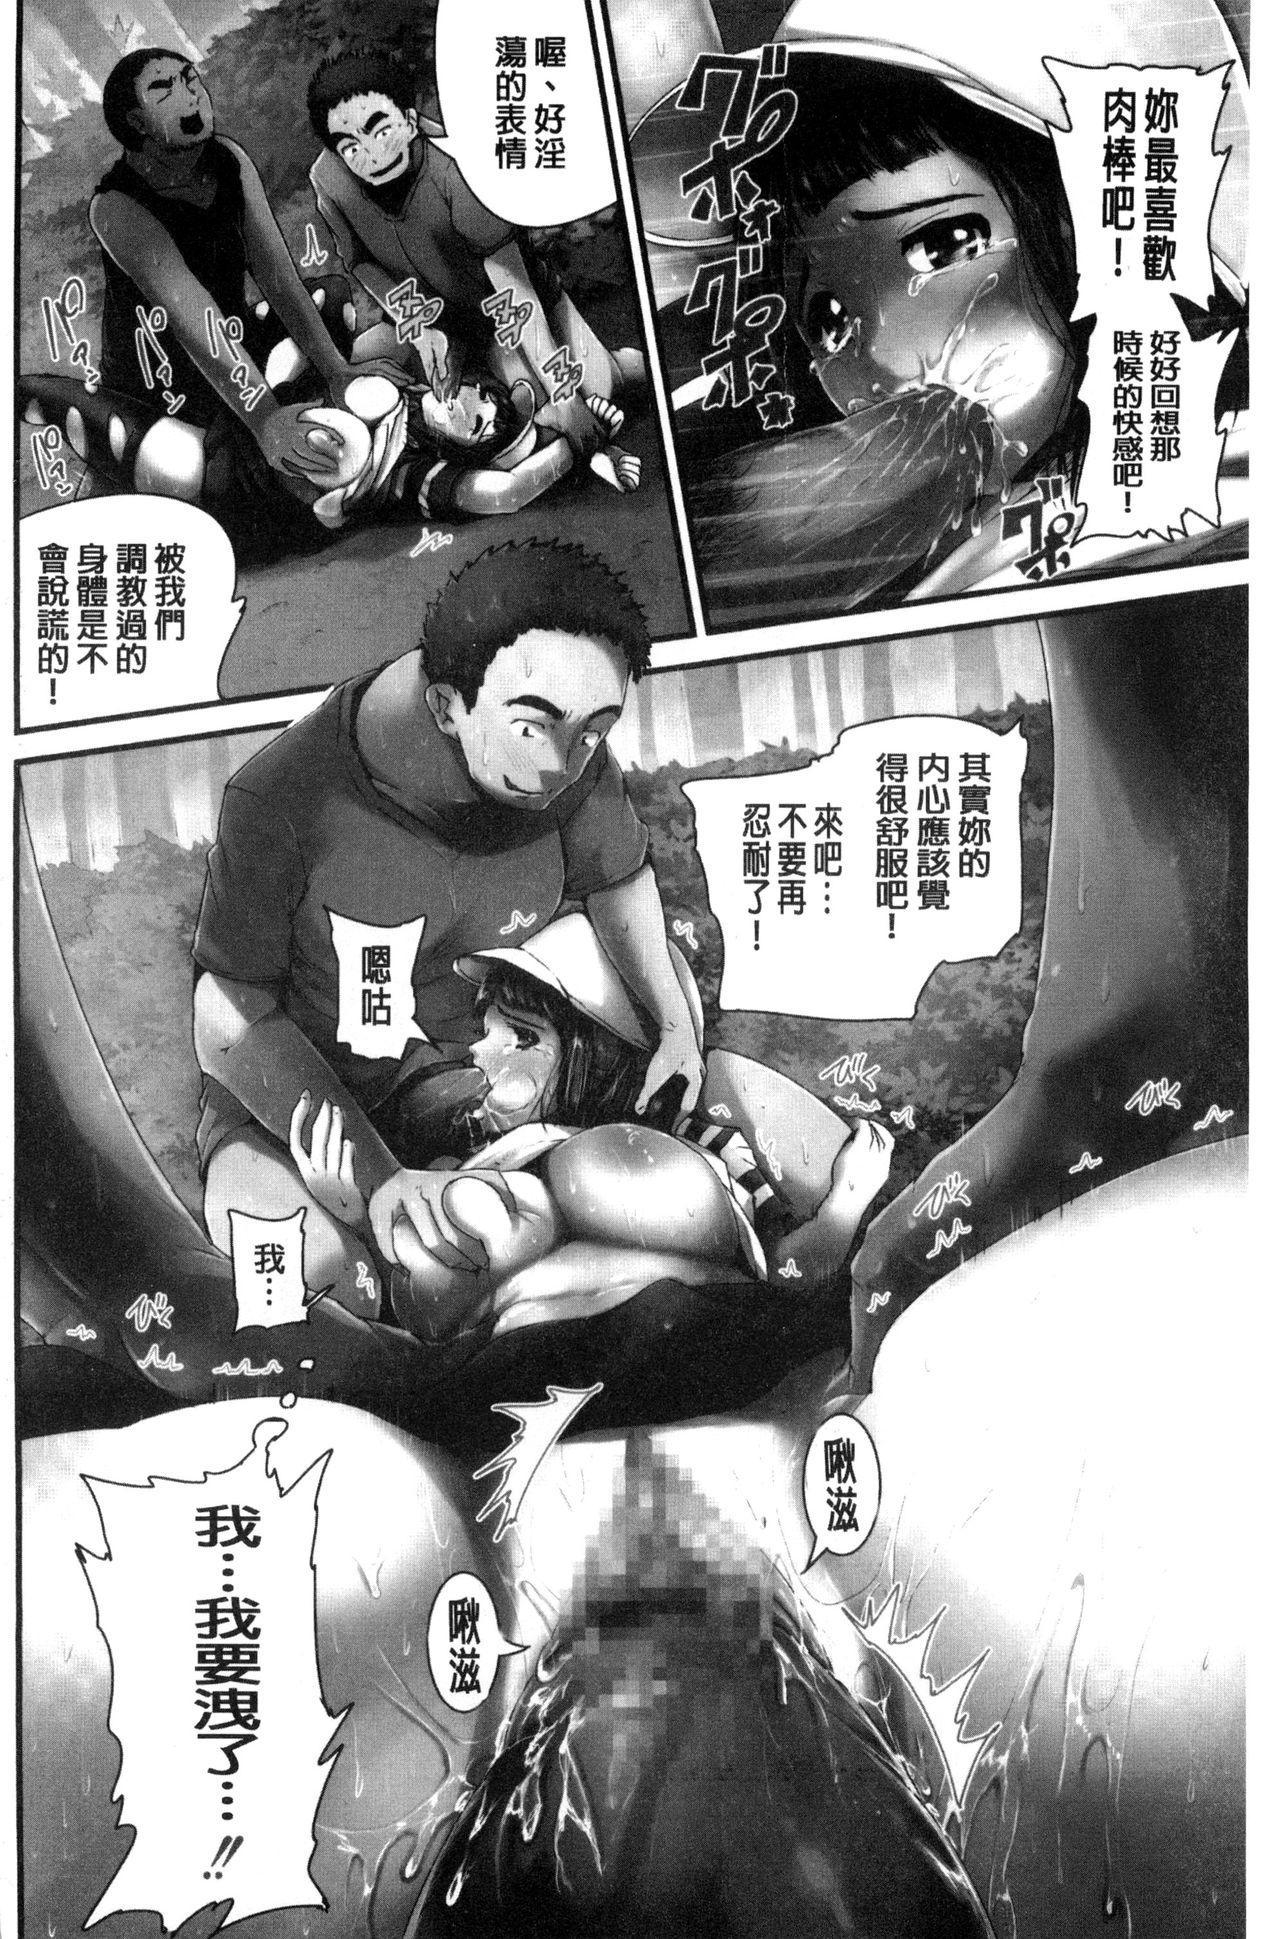 R18 Hatsuiku Shoujo 5